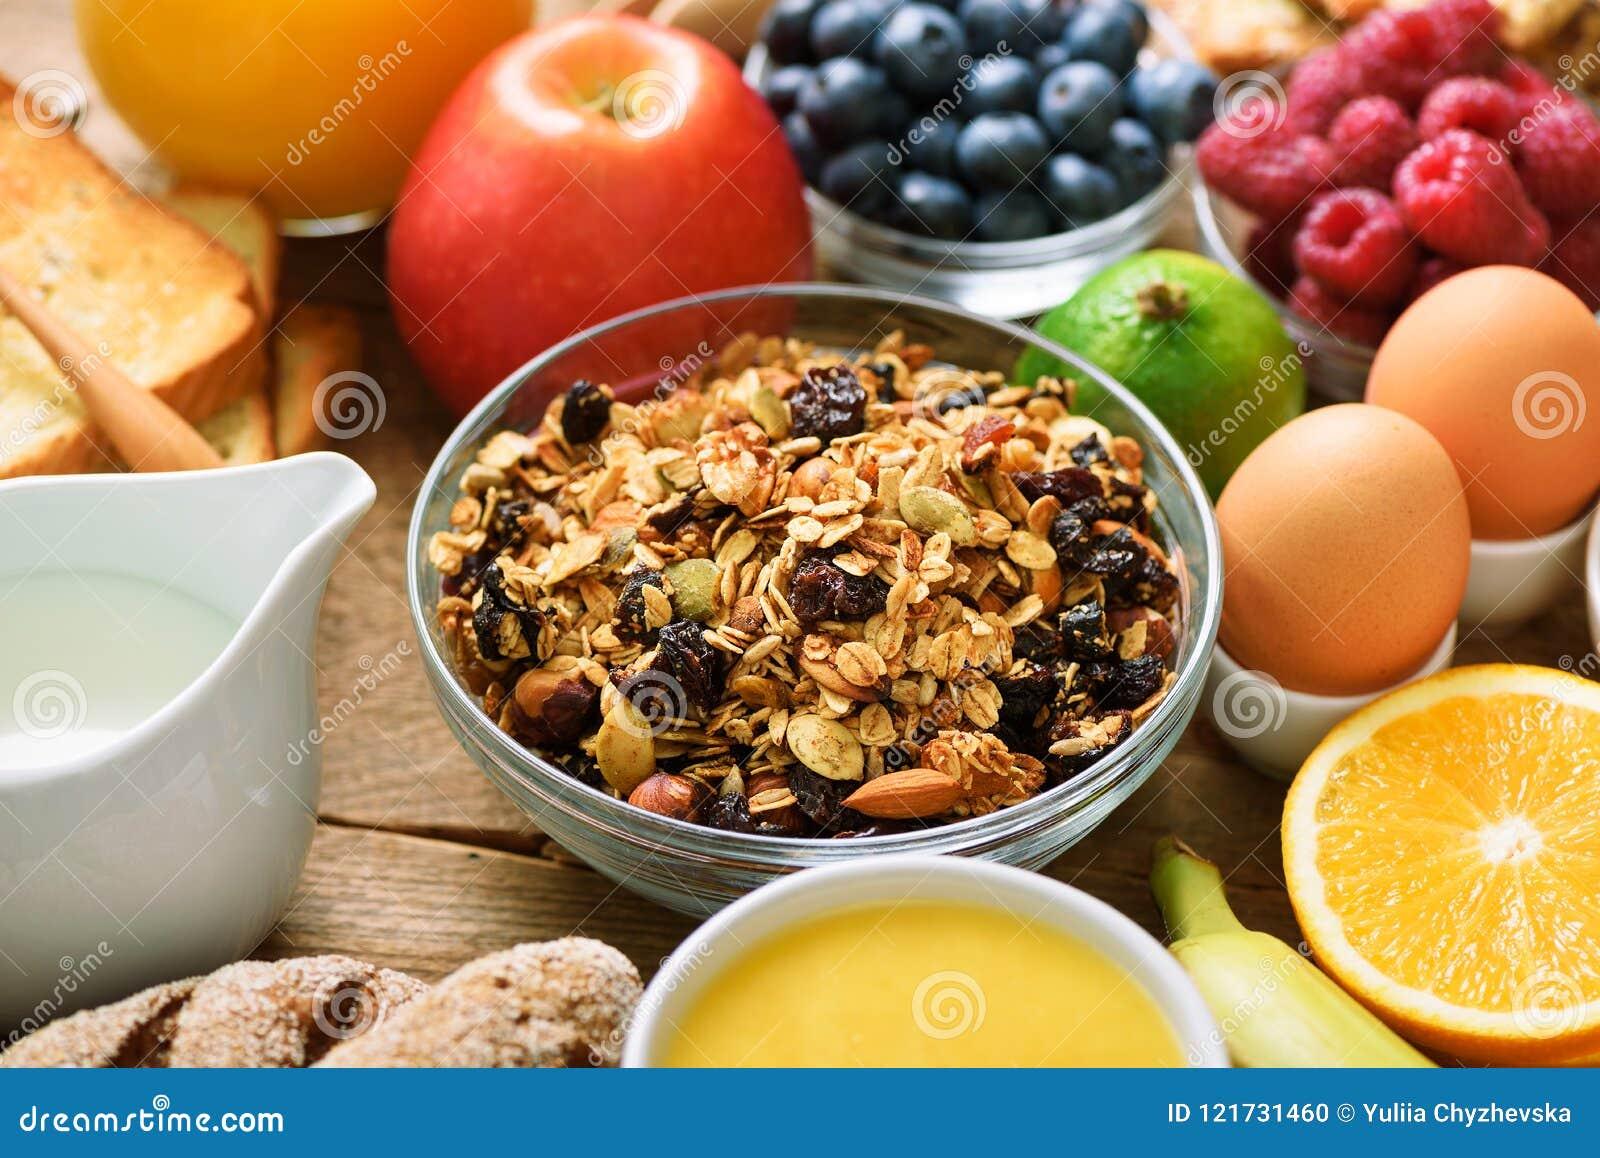 健康早餐成份,食物框架 格兰诺拉麦片,鸡蛋,坚果,果子,莓果,多士,牛奶,酸奶,橙汁